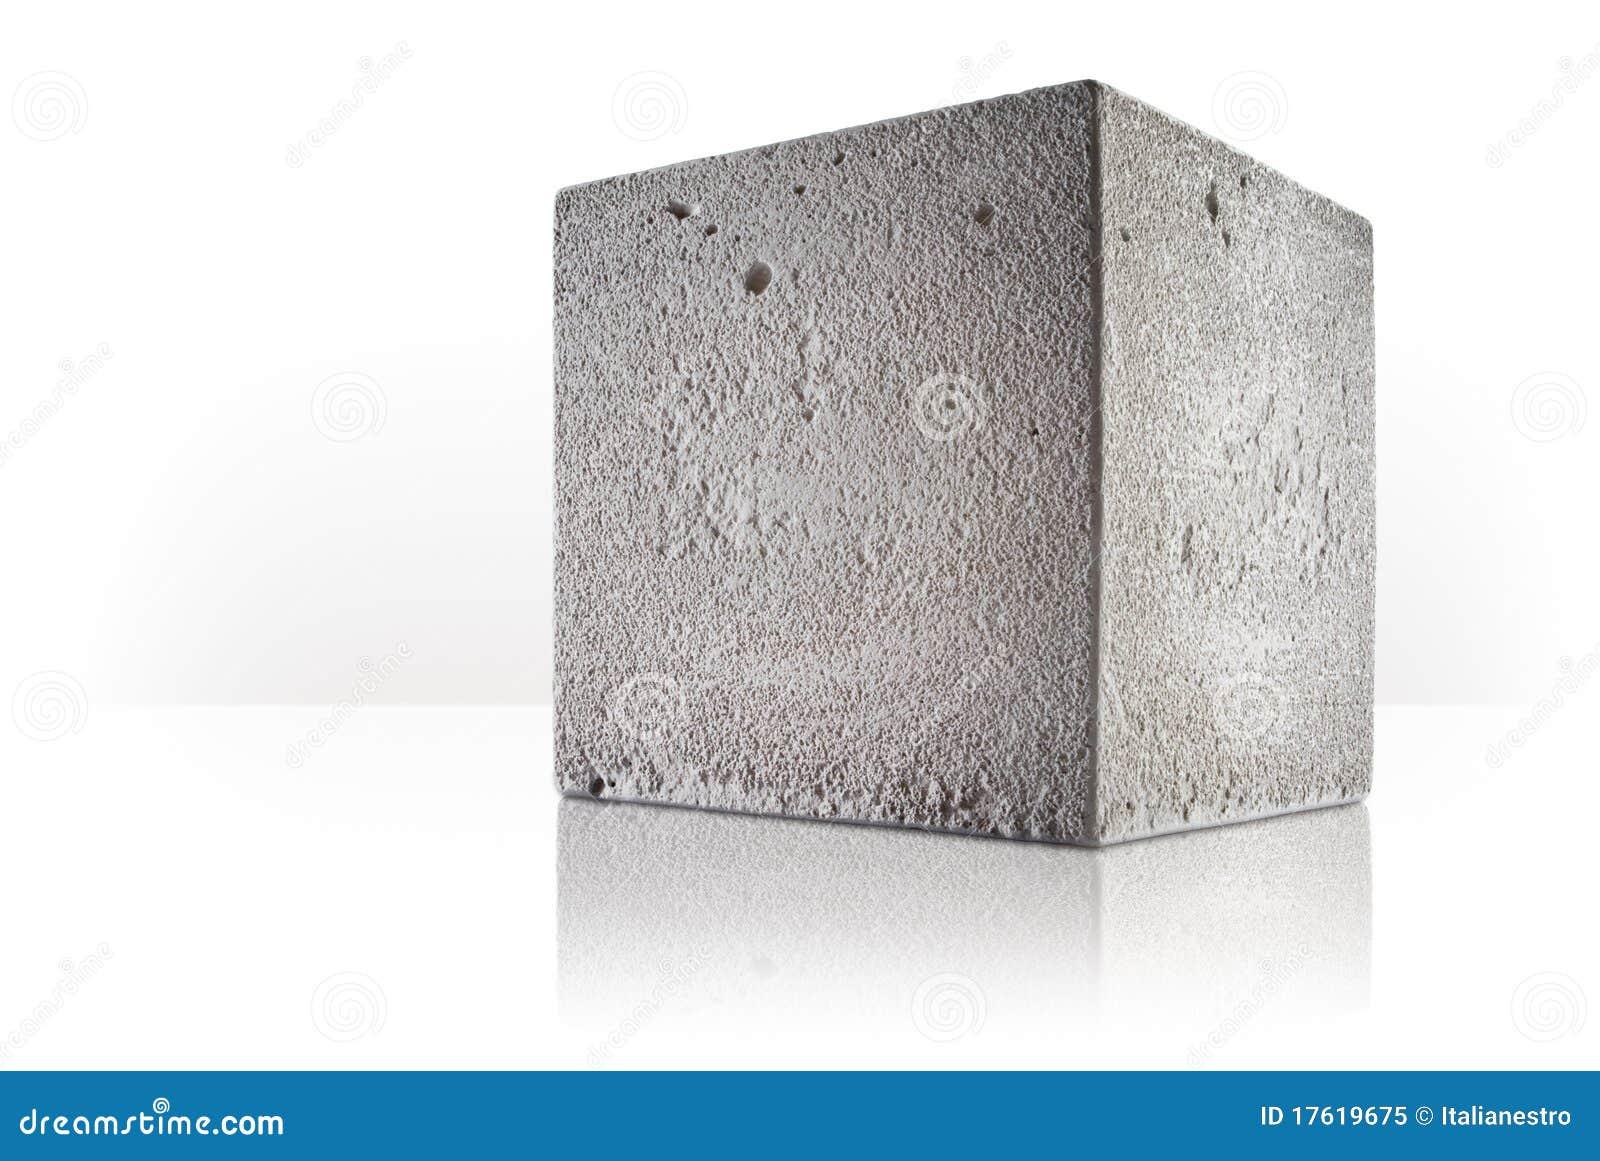 Concrete kubus